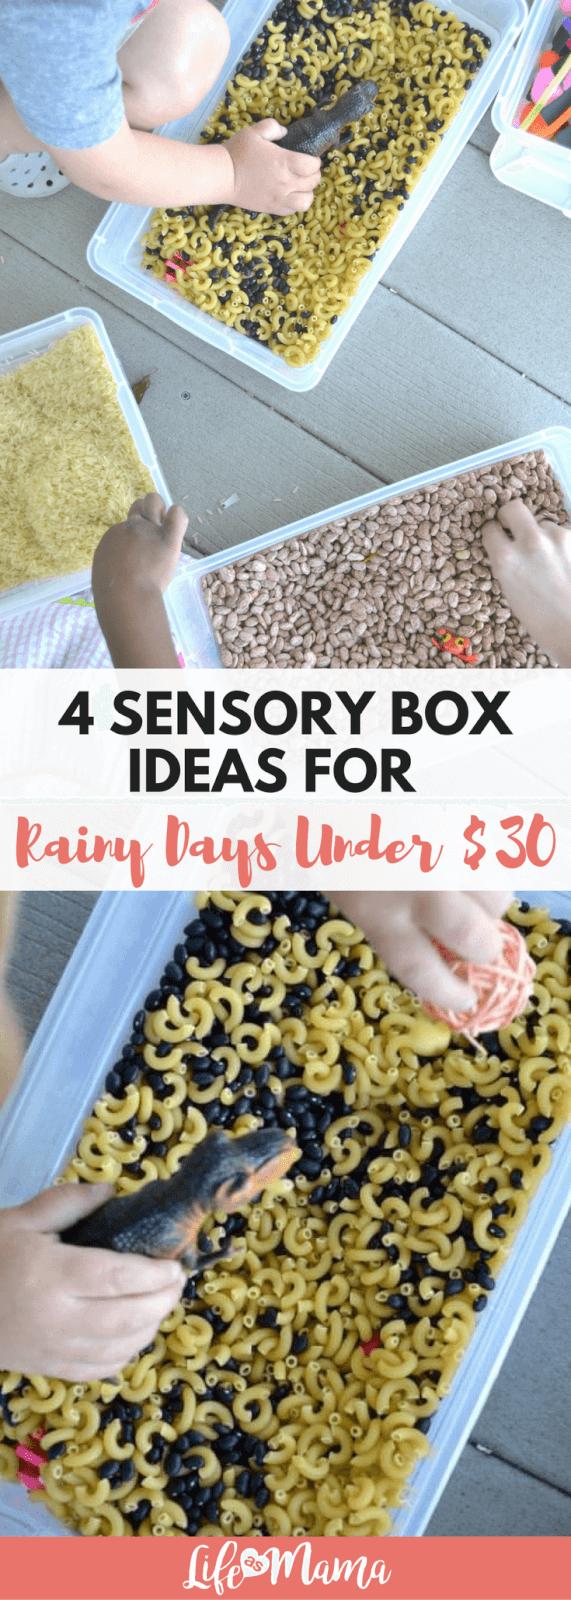 sensory box